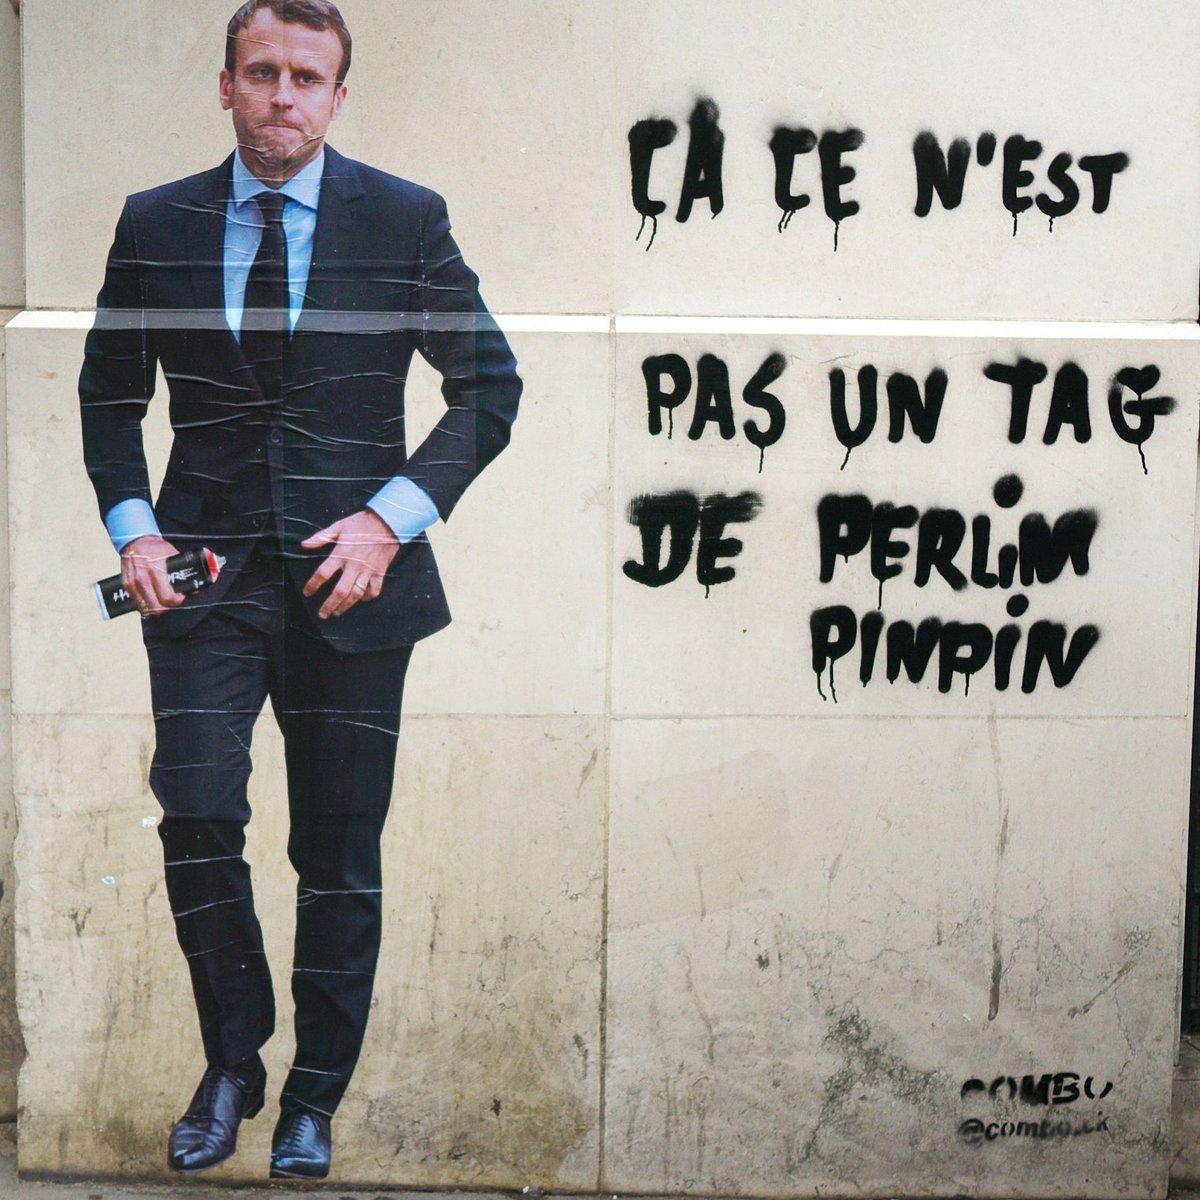 combo arturbain streetart message politique radar paris DFwS1oDW0AAKUZy - Macron, Trump,... le street artiste Combo affiche les politiques avec ses tags satiriques